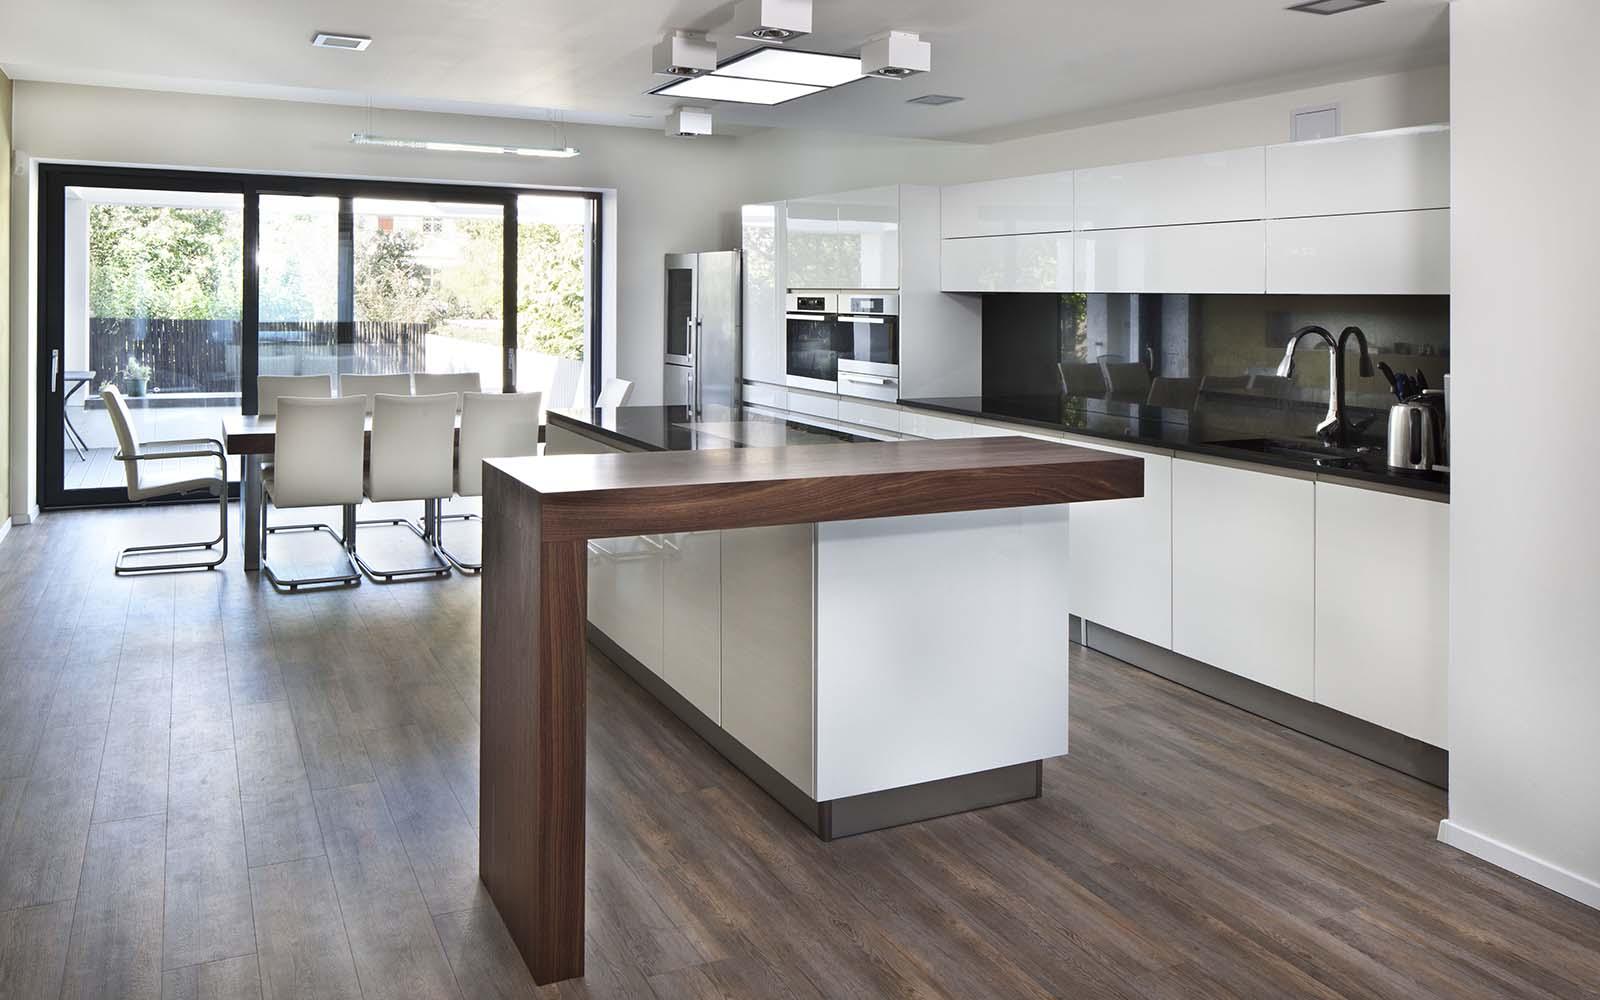 una cucina con dei mobili di color bianco con penisola e l'angolo bar